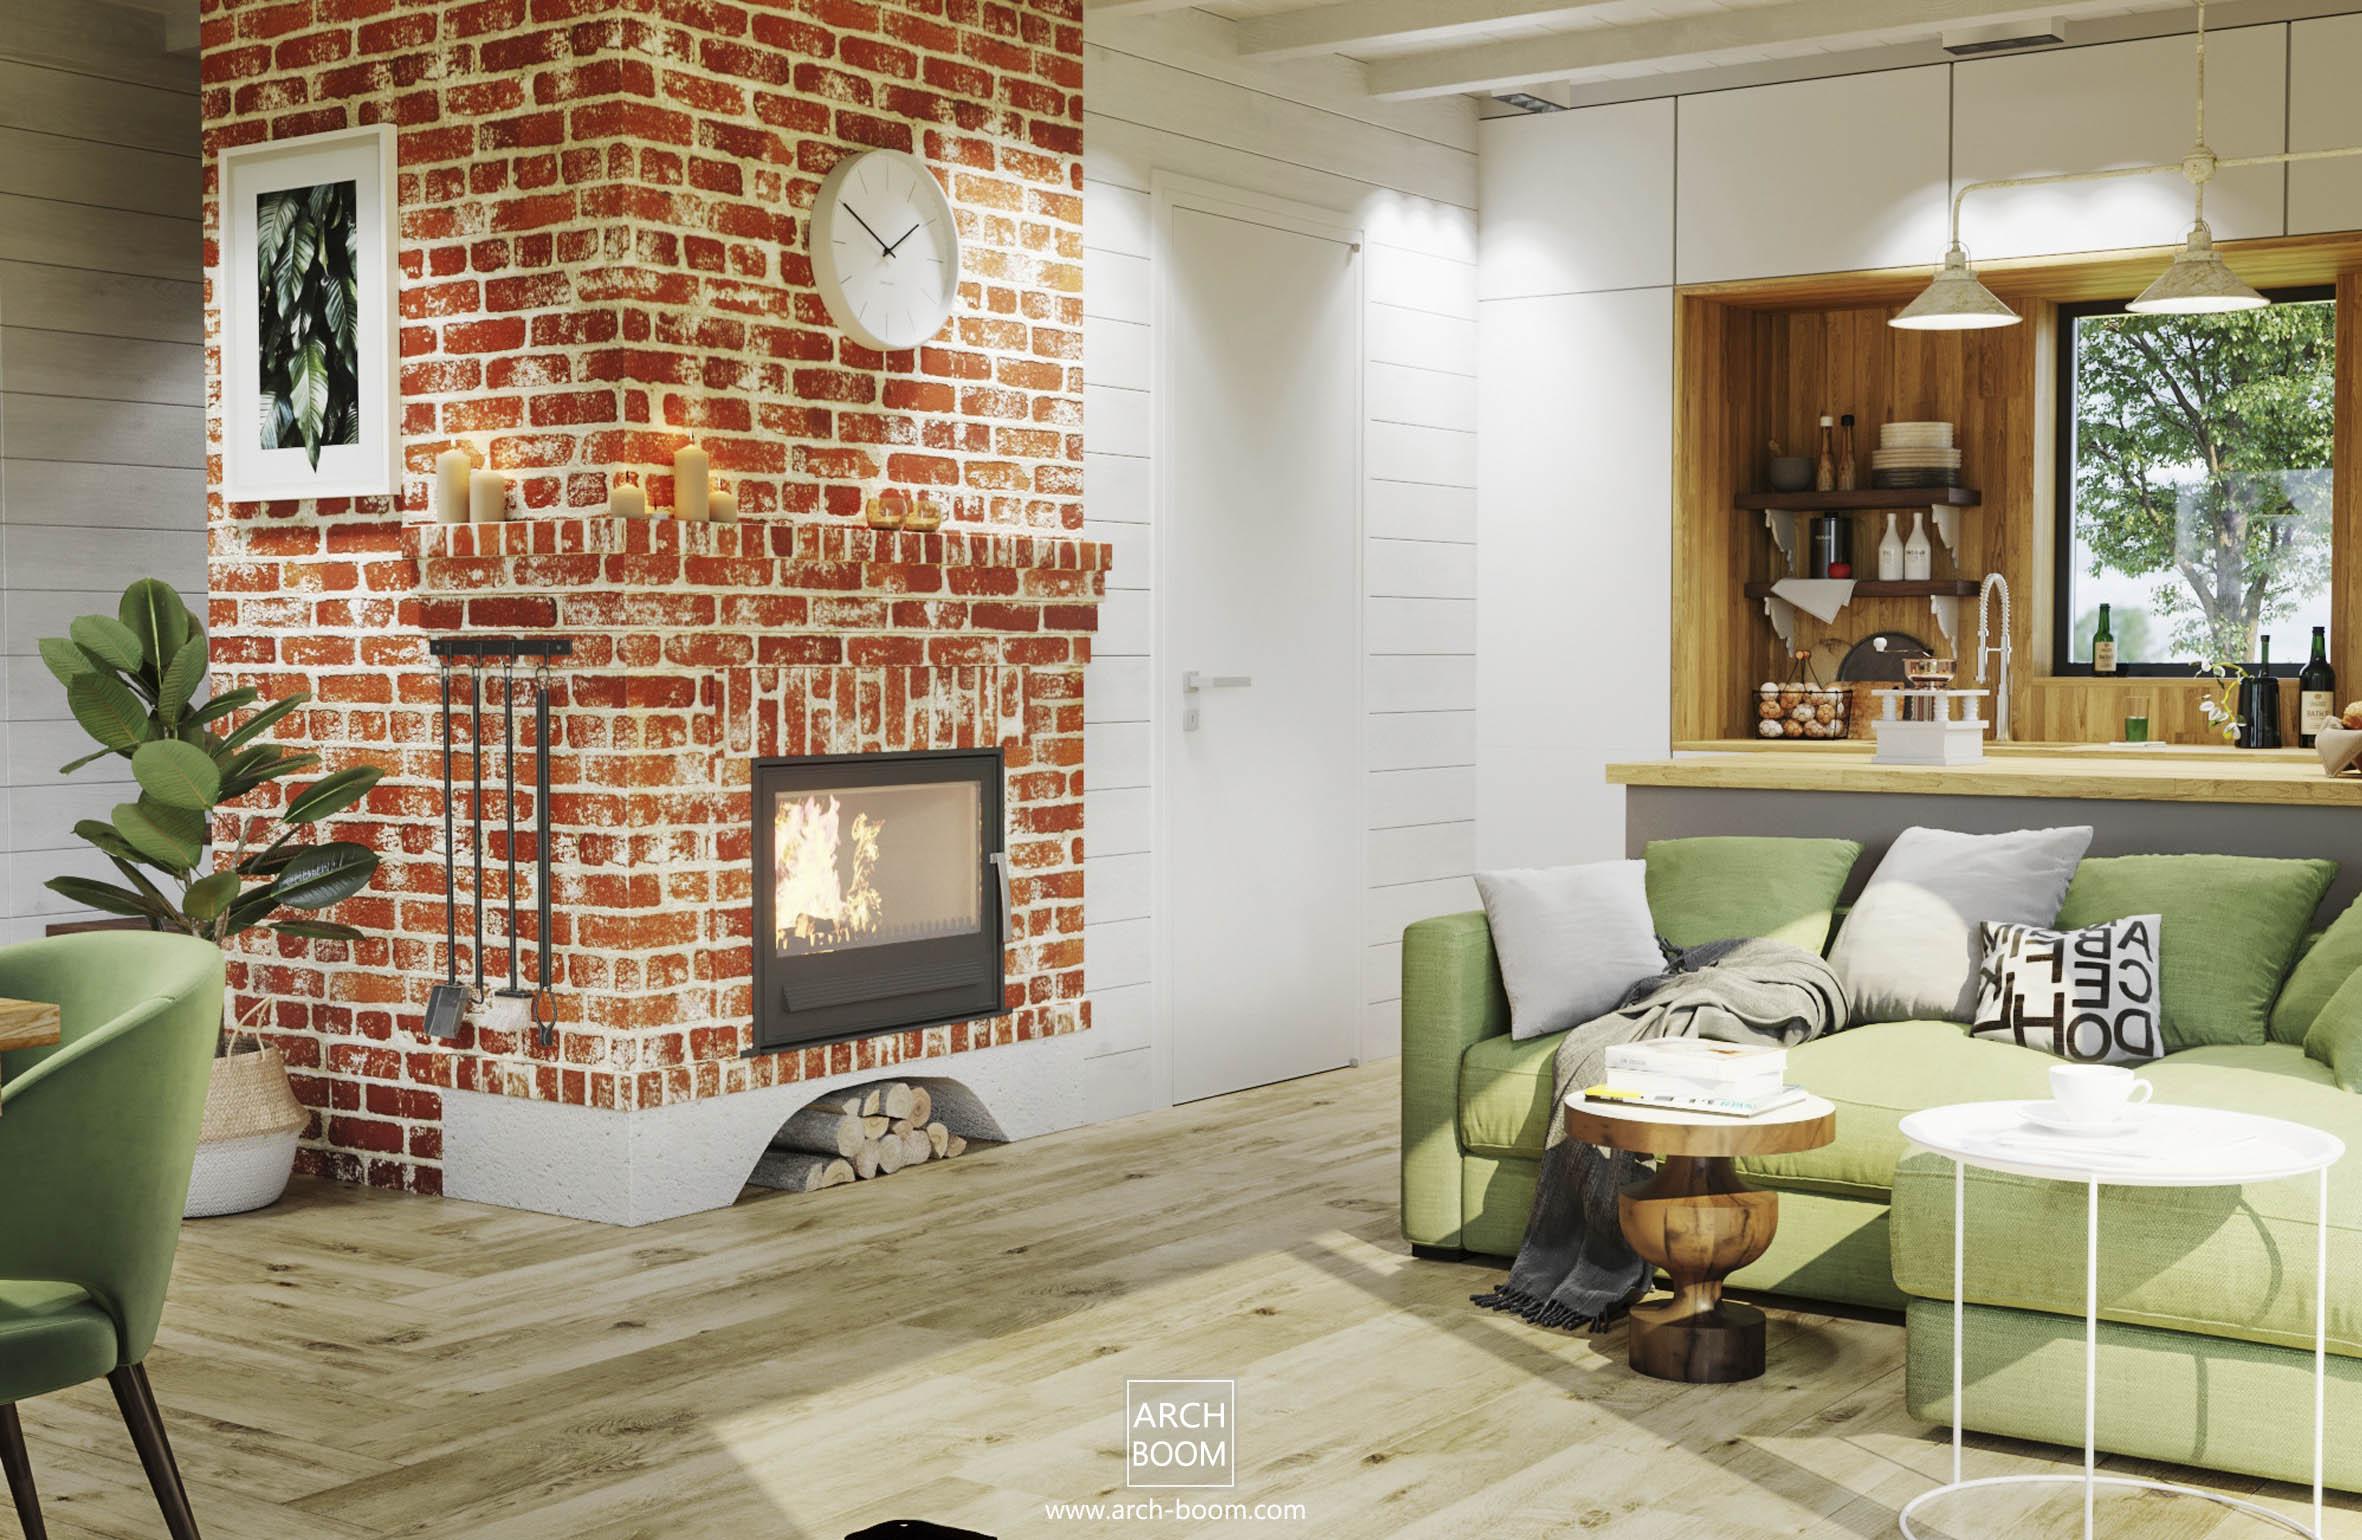 wnętrze domku rekreacyjnego z kominkiem i białą kuchnią